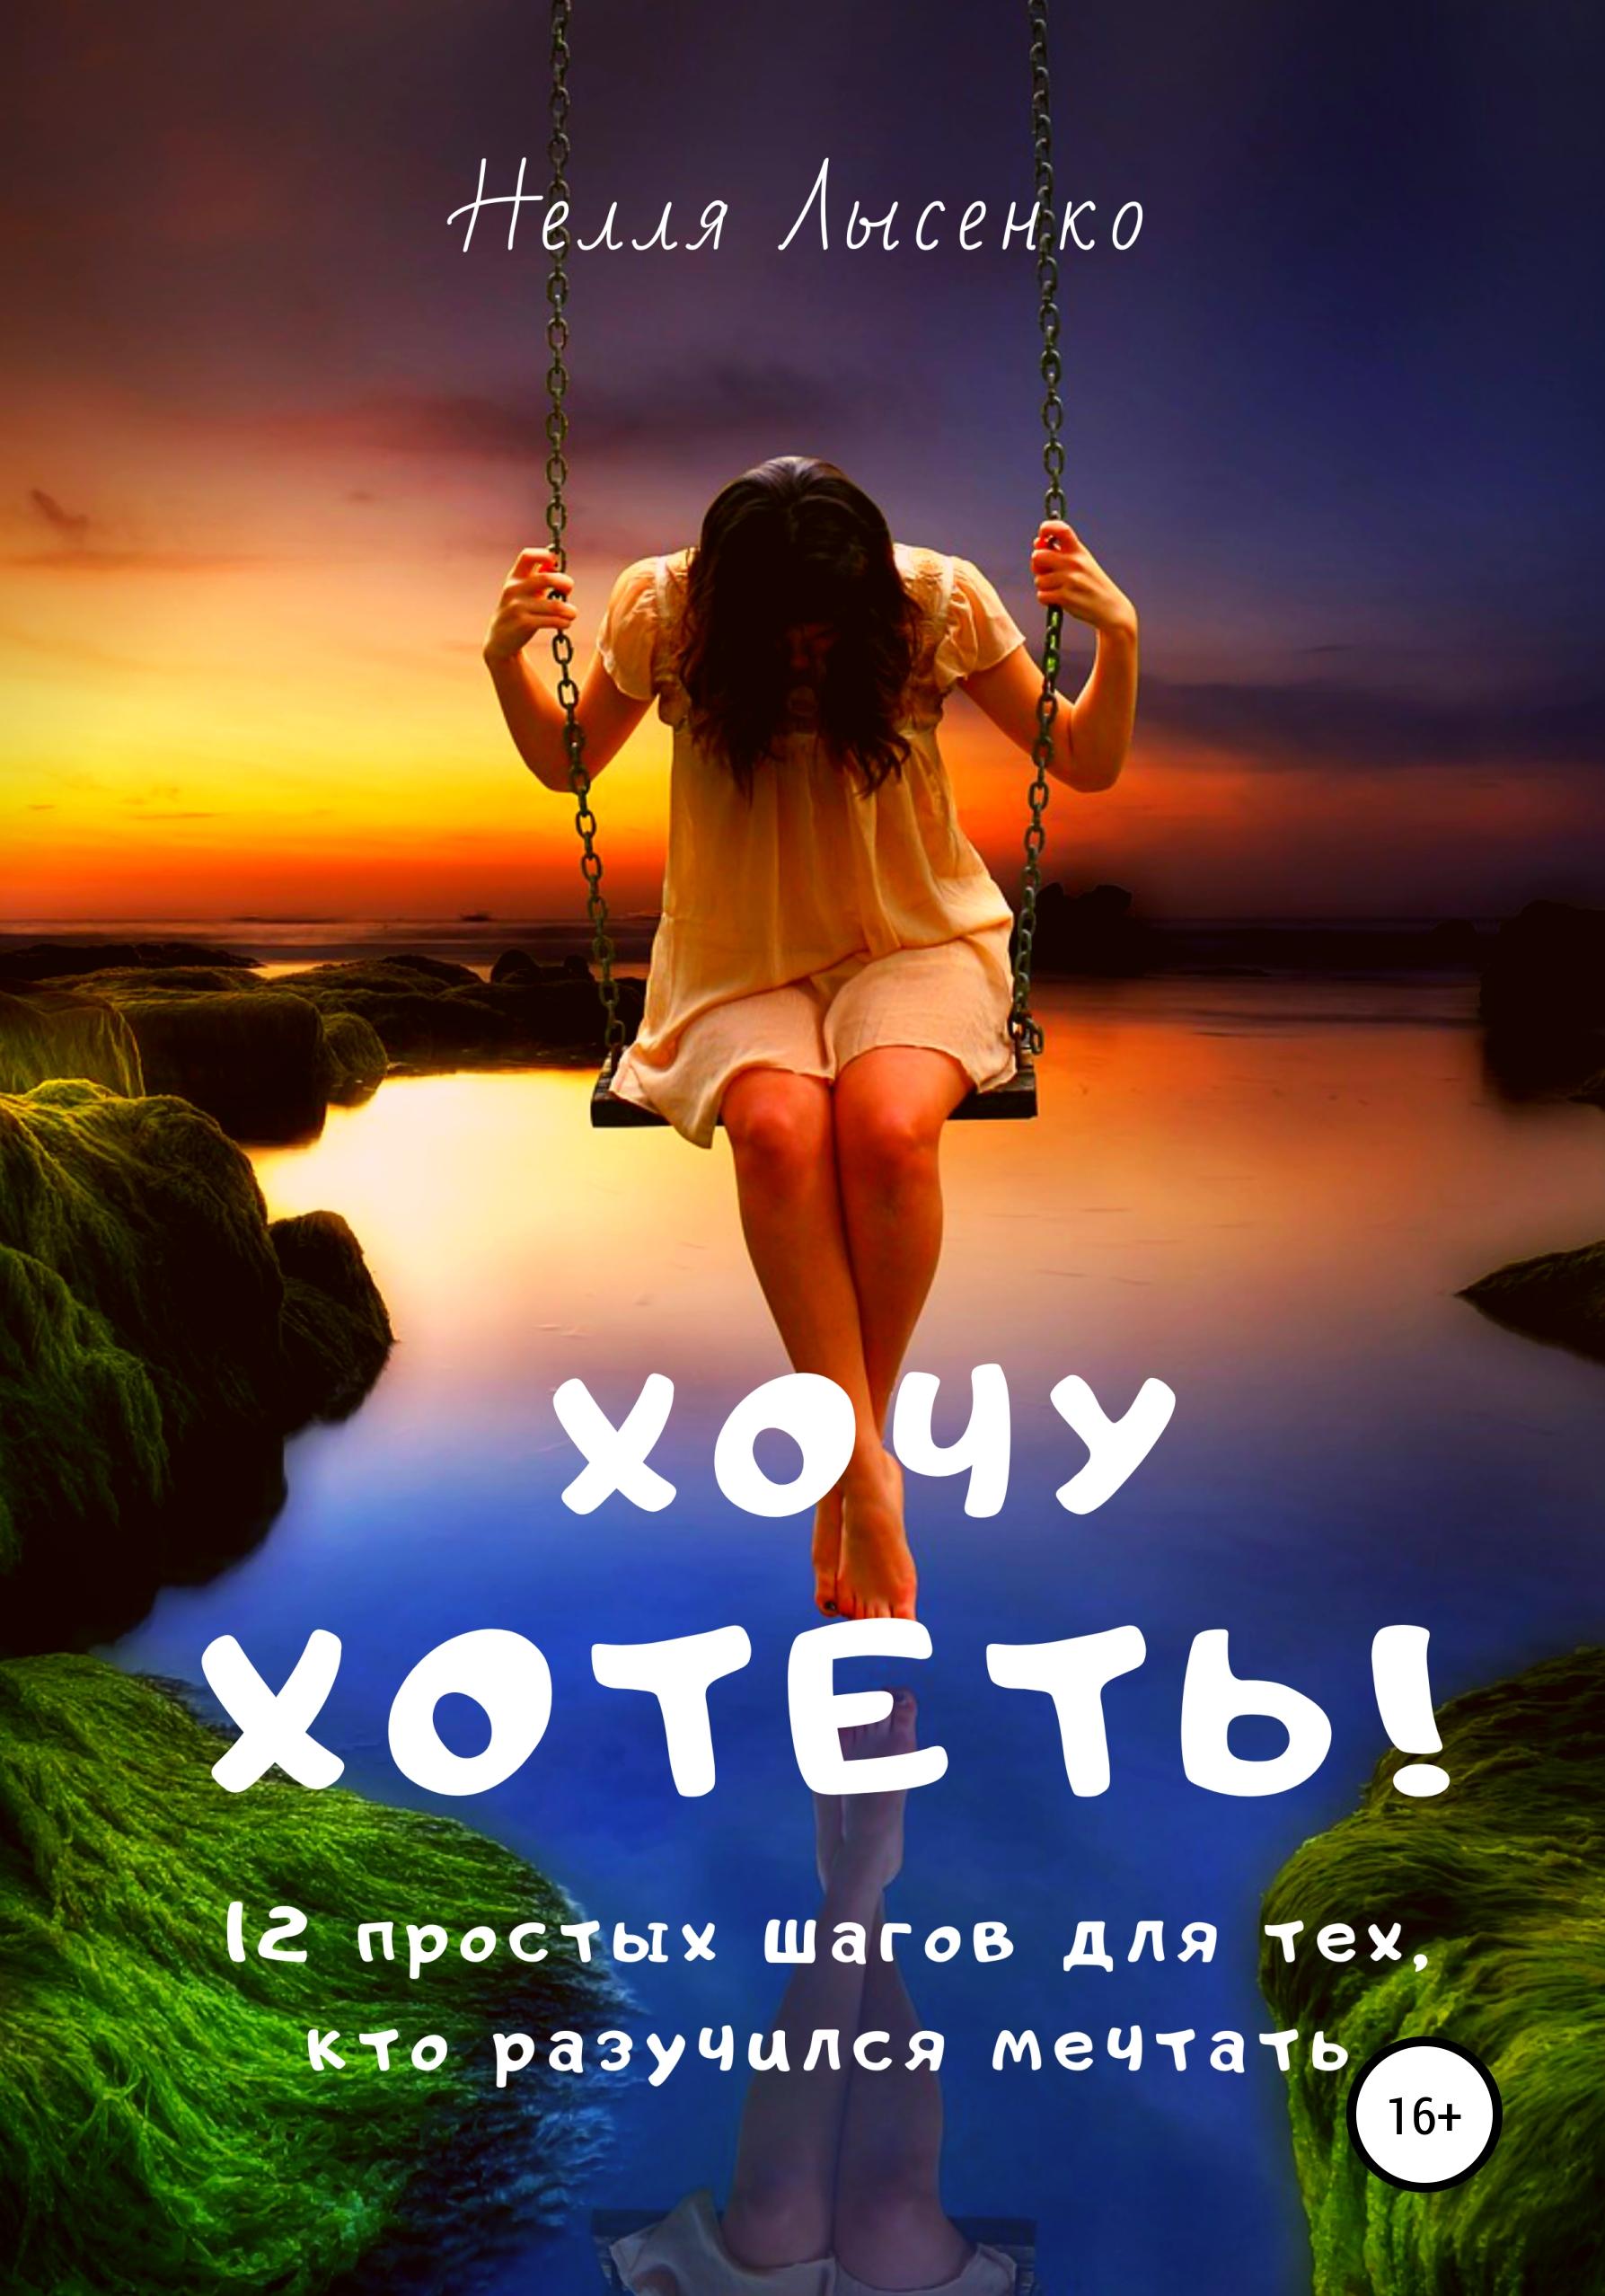 Купить книгу Хочу хотеть! 12 простых шагов для тех, кто разучился мечтать, автора Нелли Лысенко